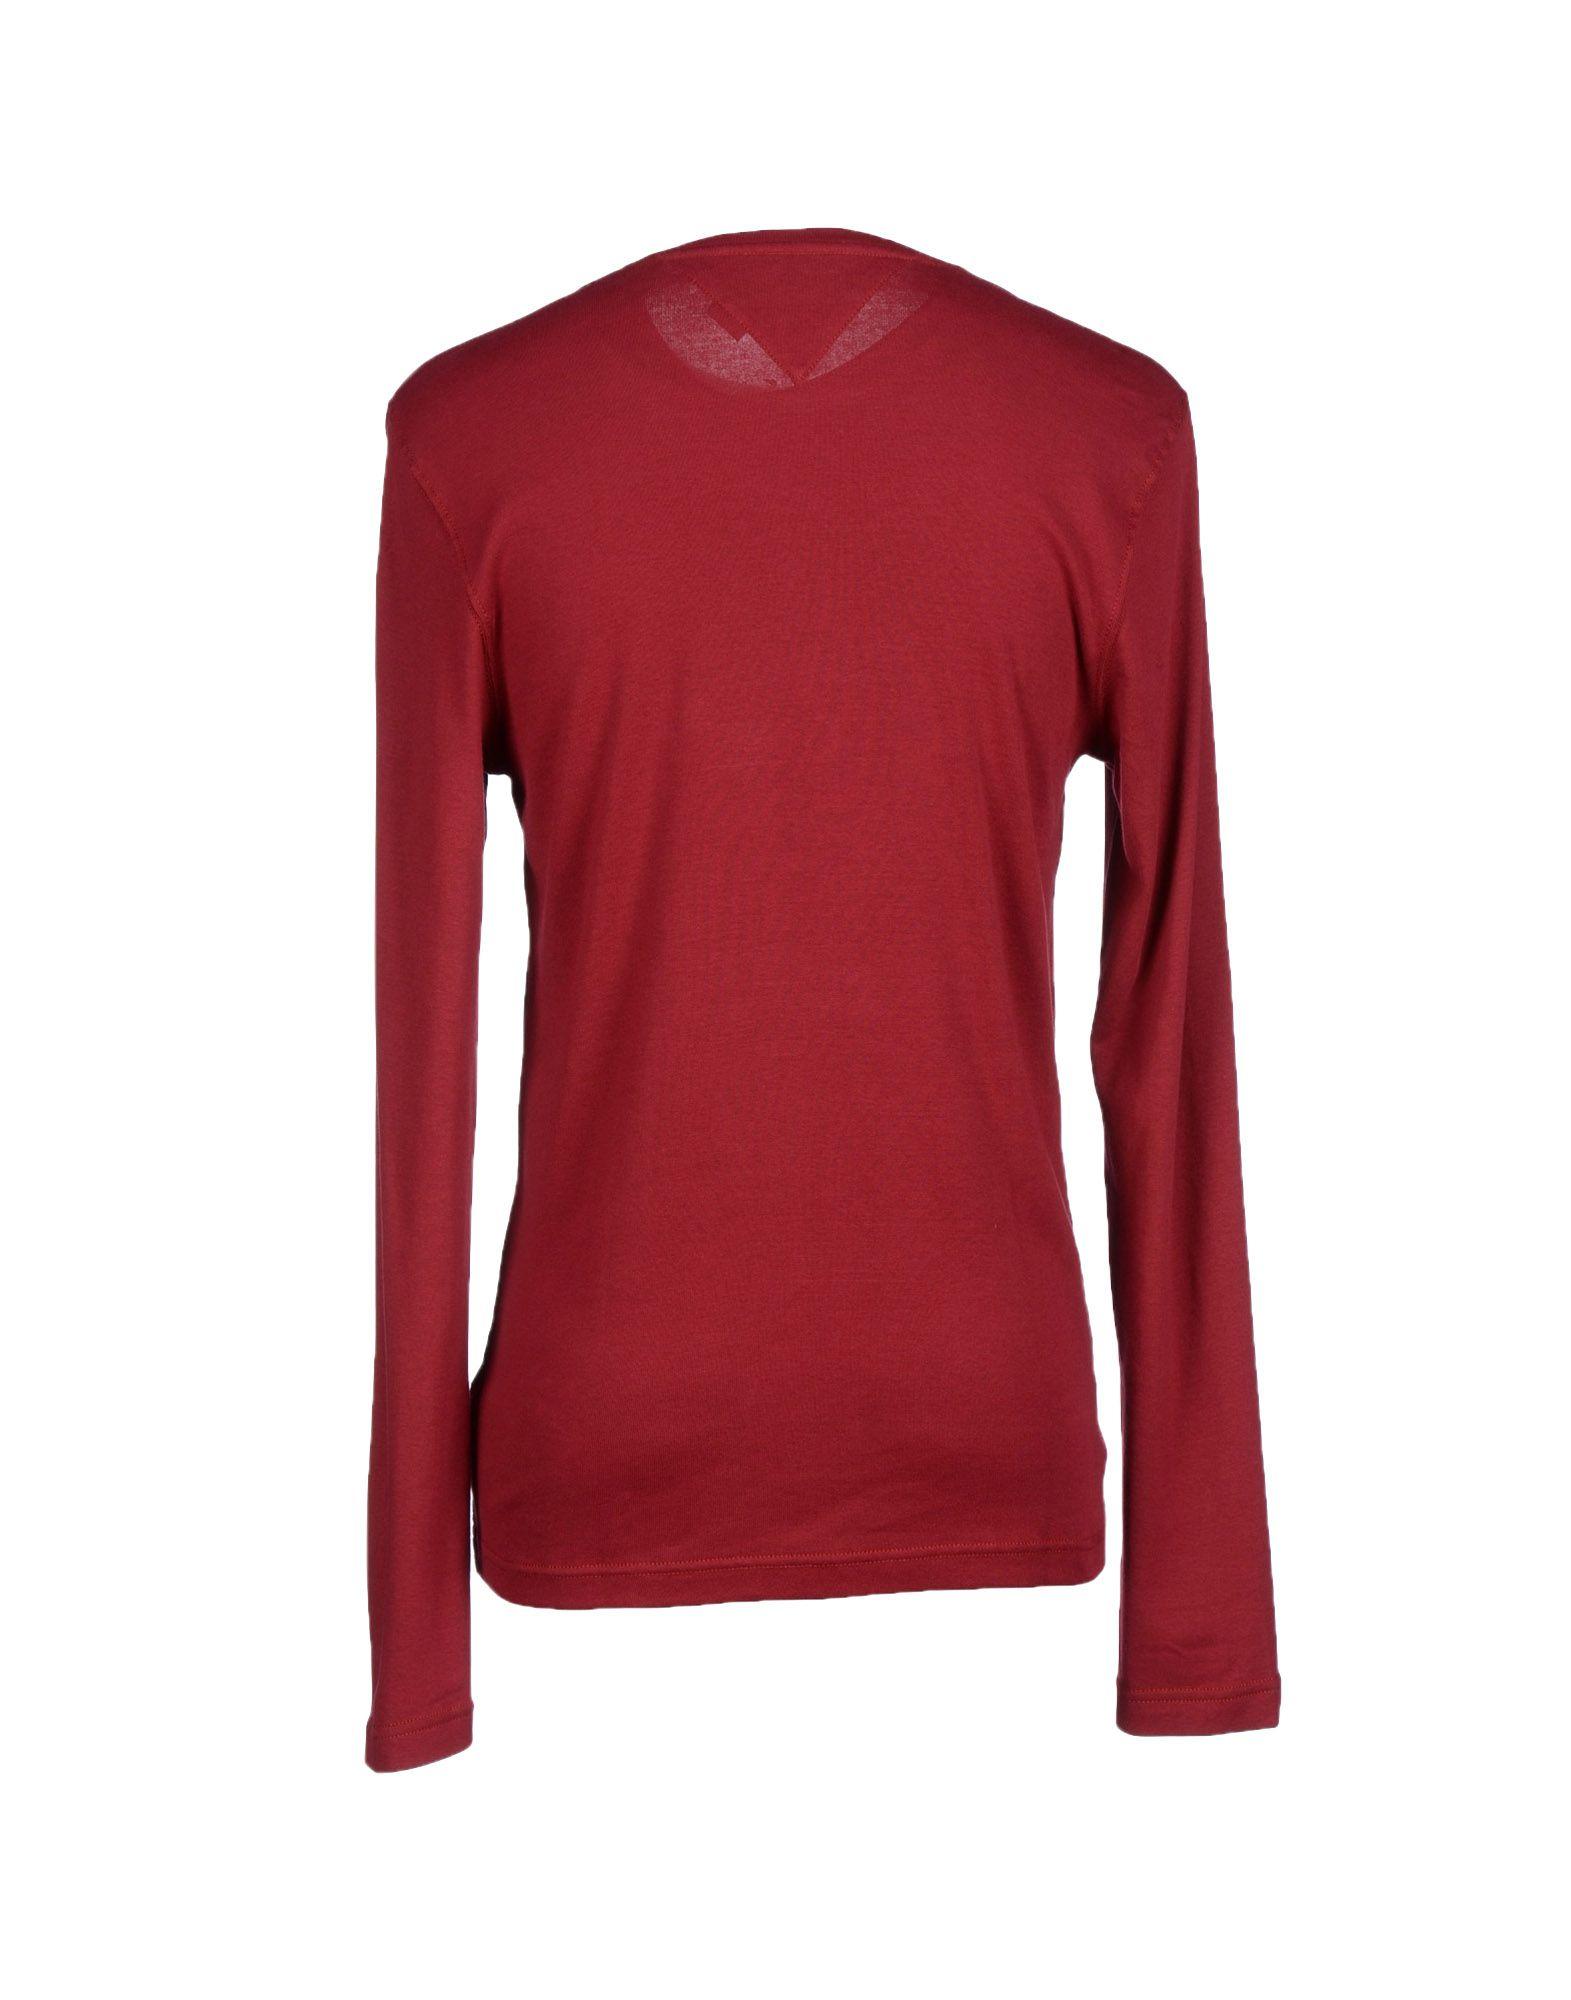 hilfiger denim t shirt in red for men lyst. Black Bedroom Furniture Sets. Home Design Ideas